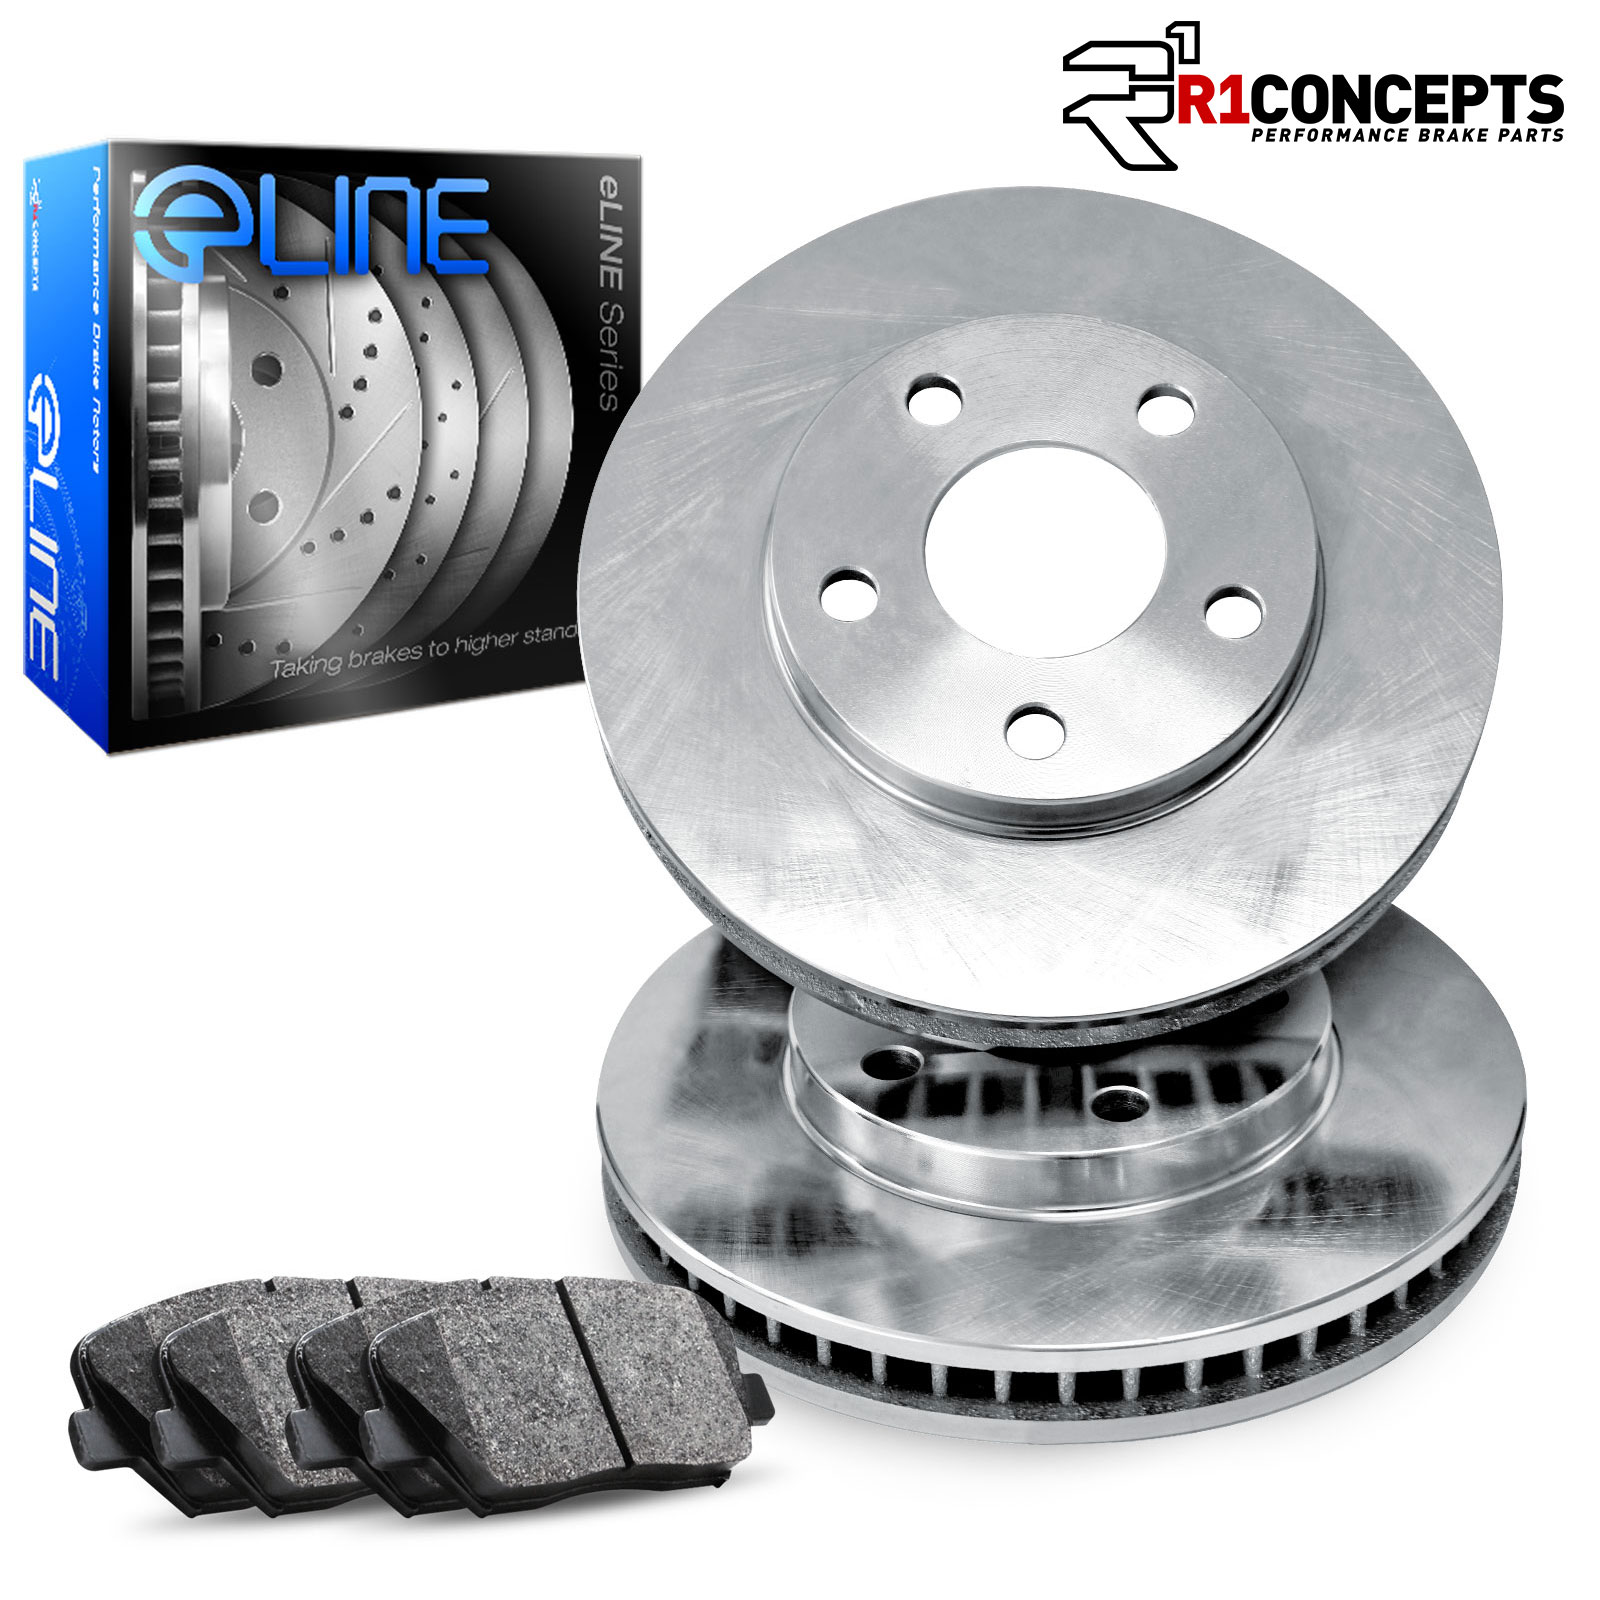 2013 2014 2015 for Hyundai Santa Fe Disc Brake Rotors and Ceramic Pads Front